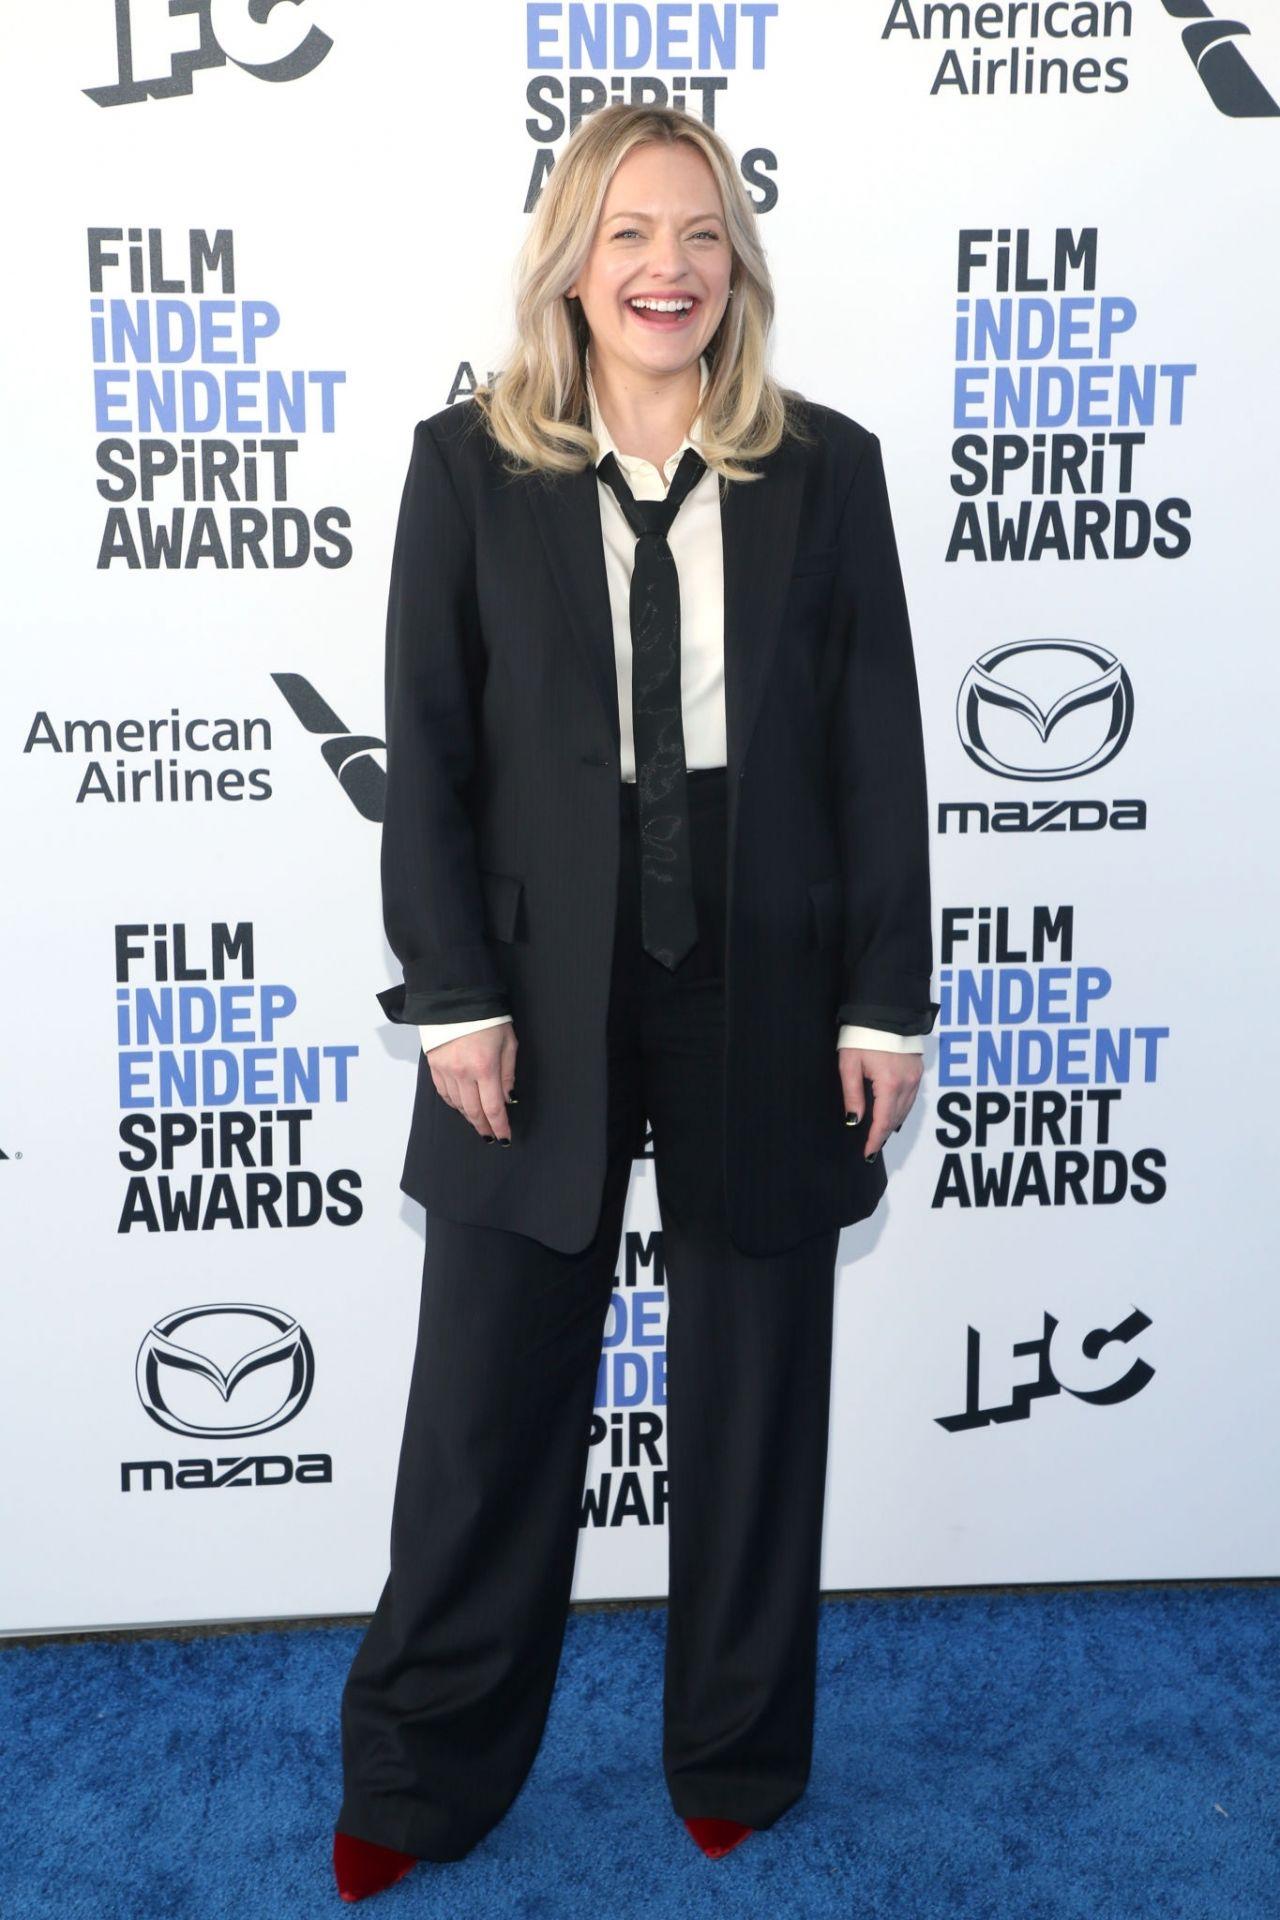 elisabeth-moss-in-co-2020-film-independent-spirit-awards